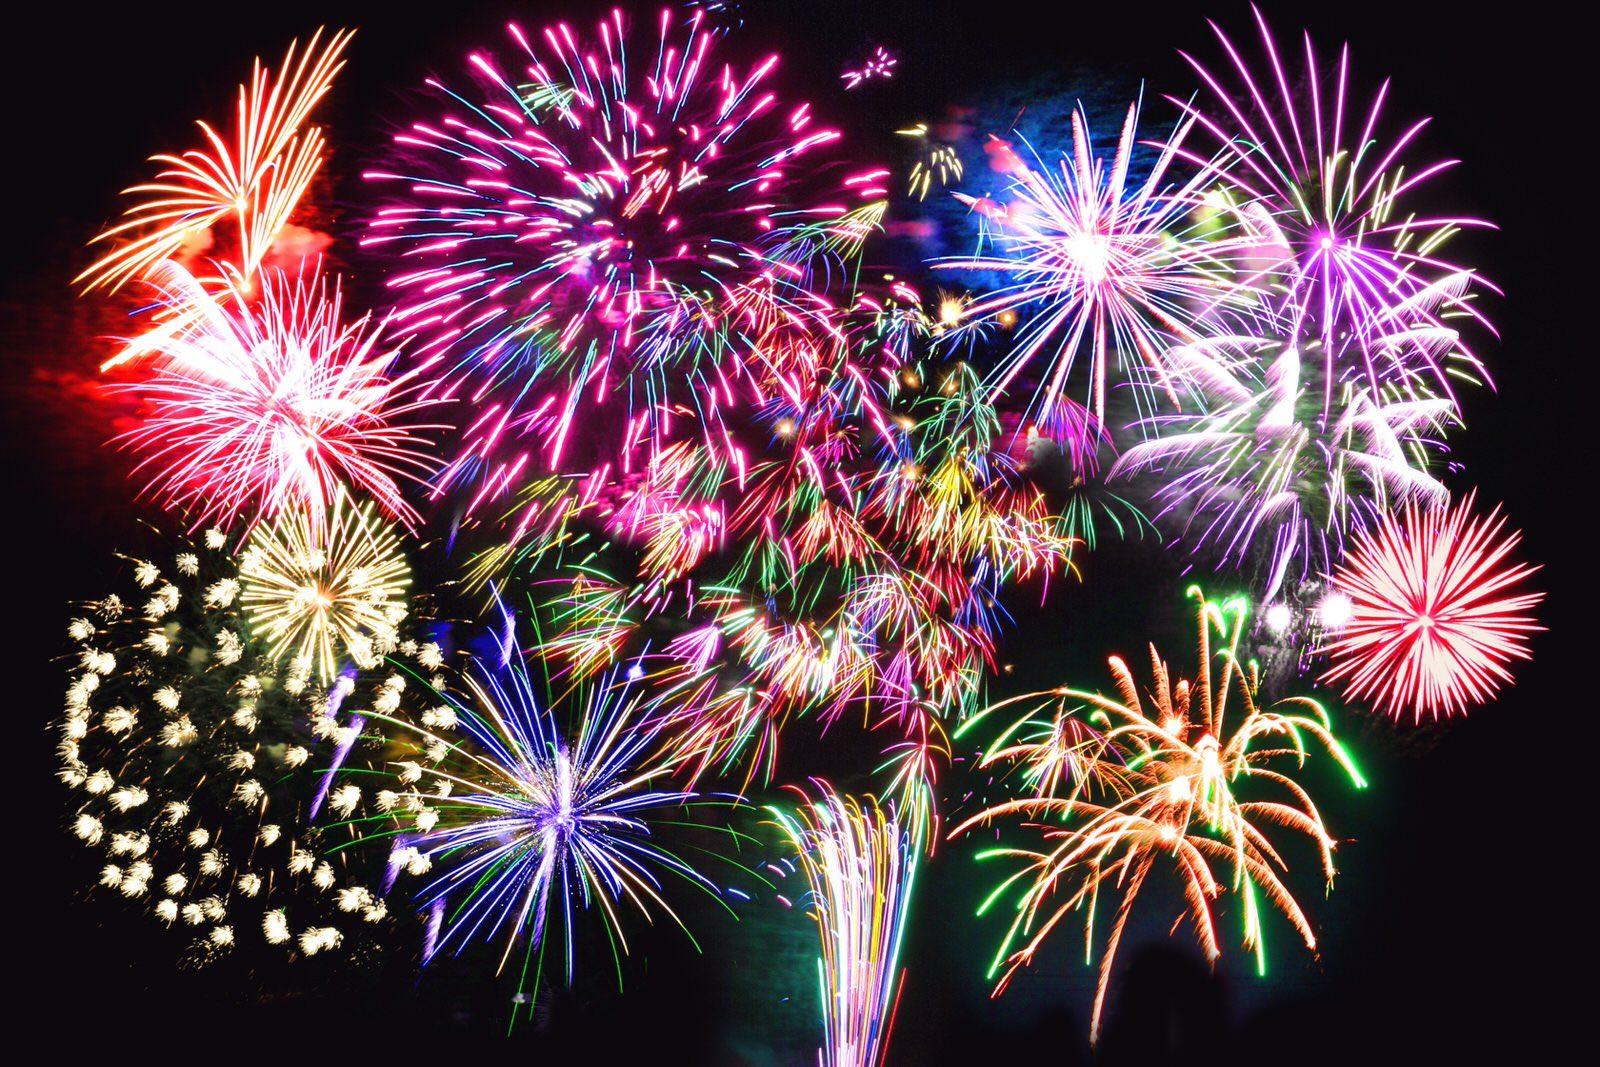 長崎港の打ち上げ花火スポットまとめ【みなとまつりやラブフェスなどで絶景スポット確保!】